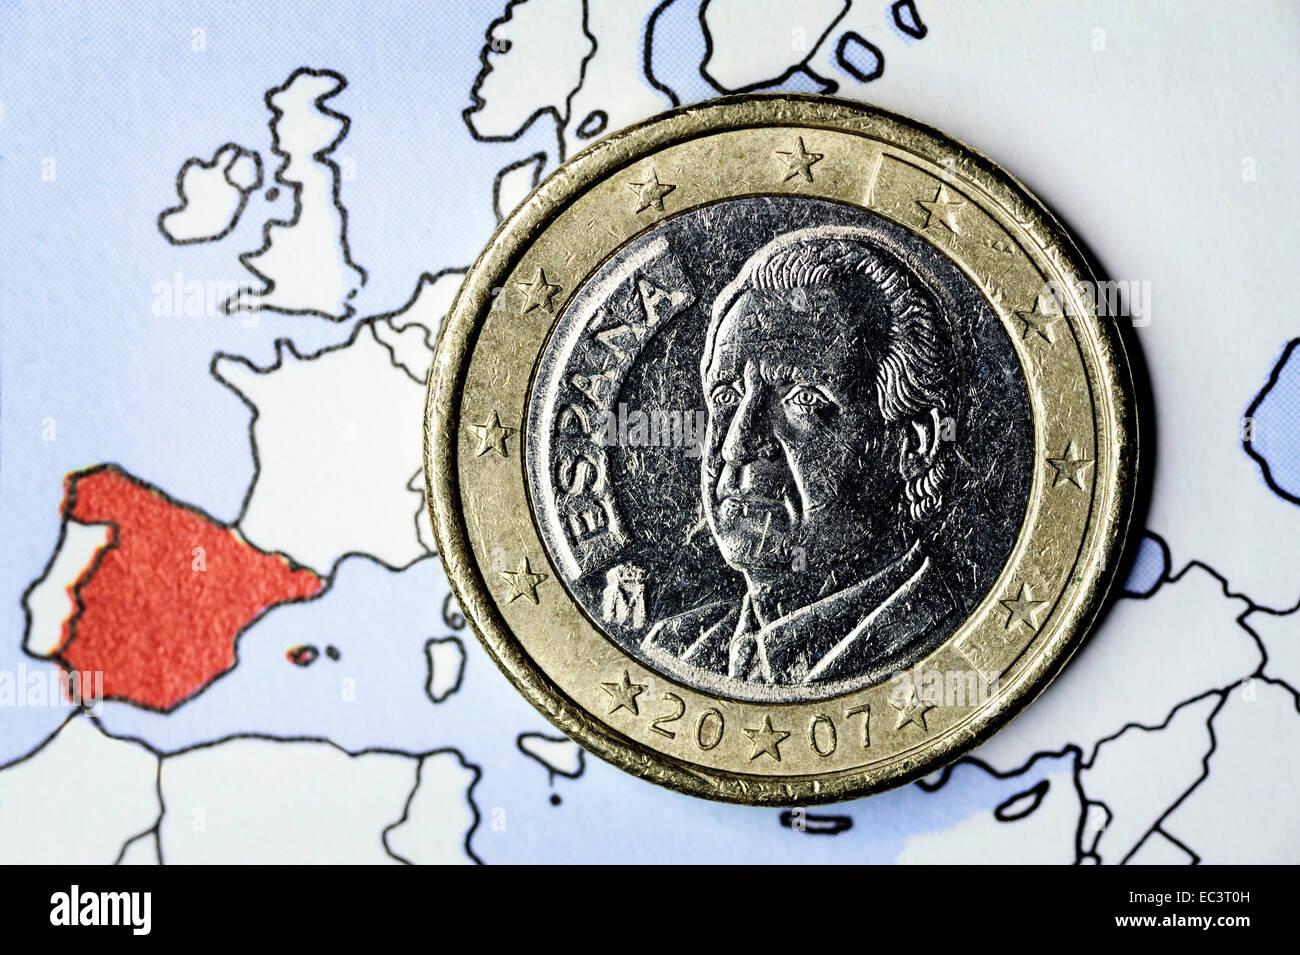 Spanish euro coin, debt crisis - Stock Image